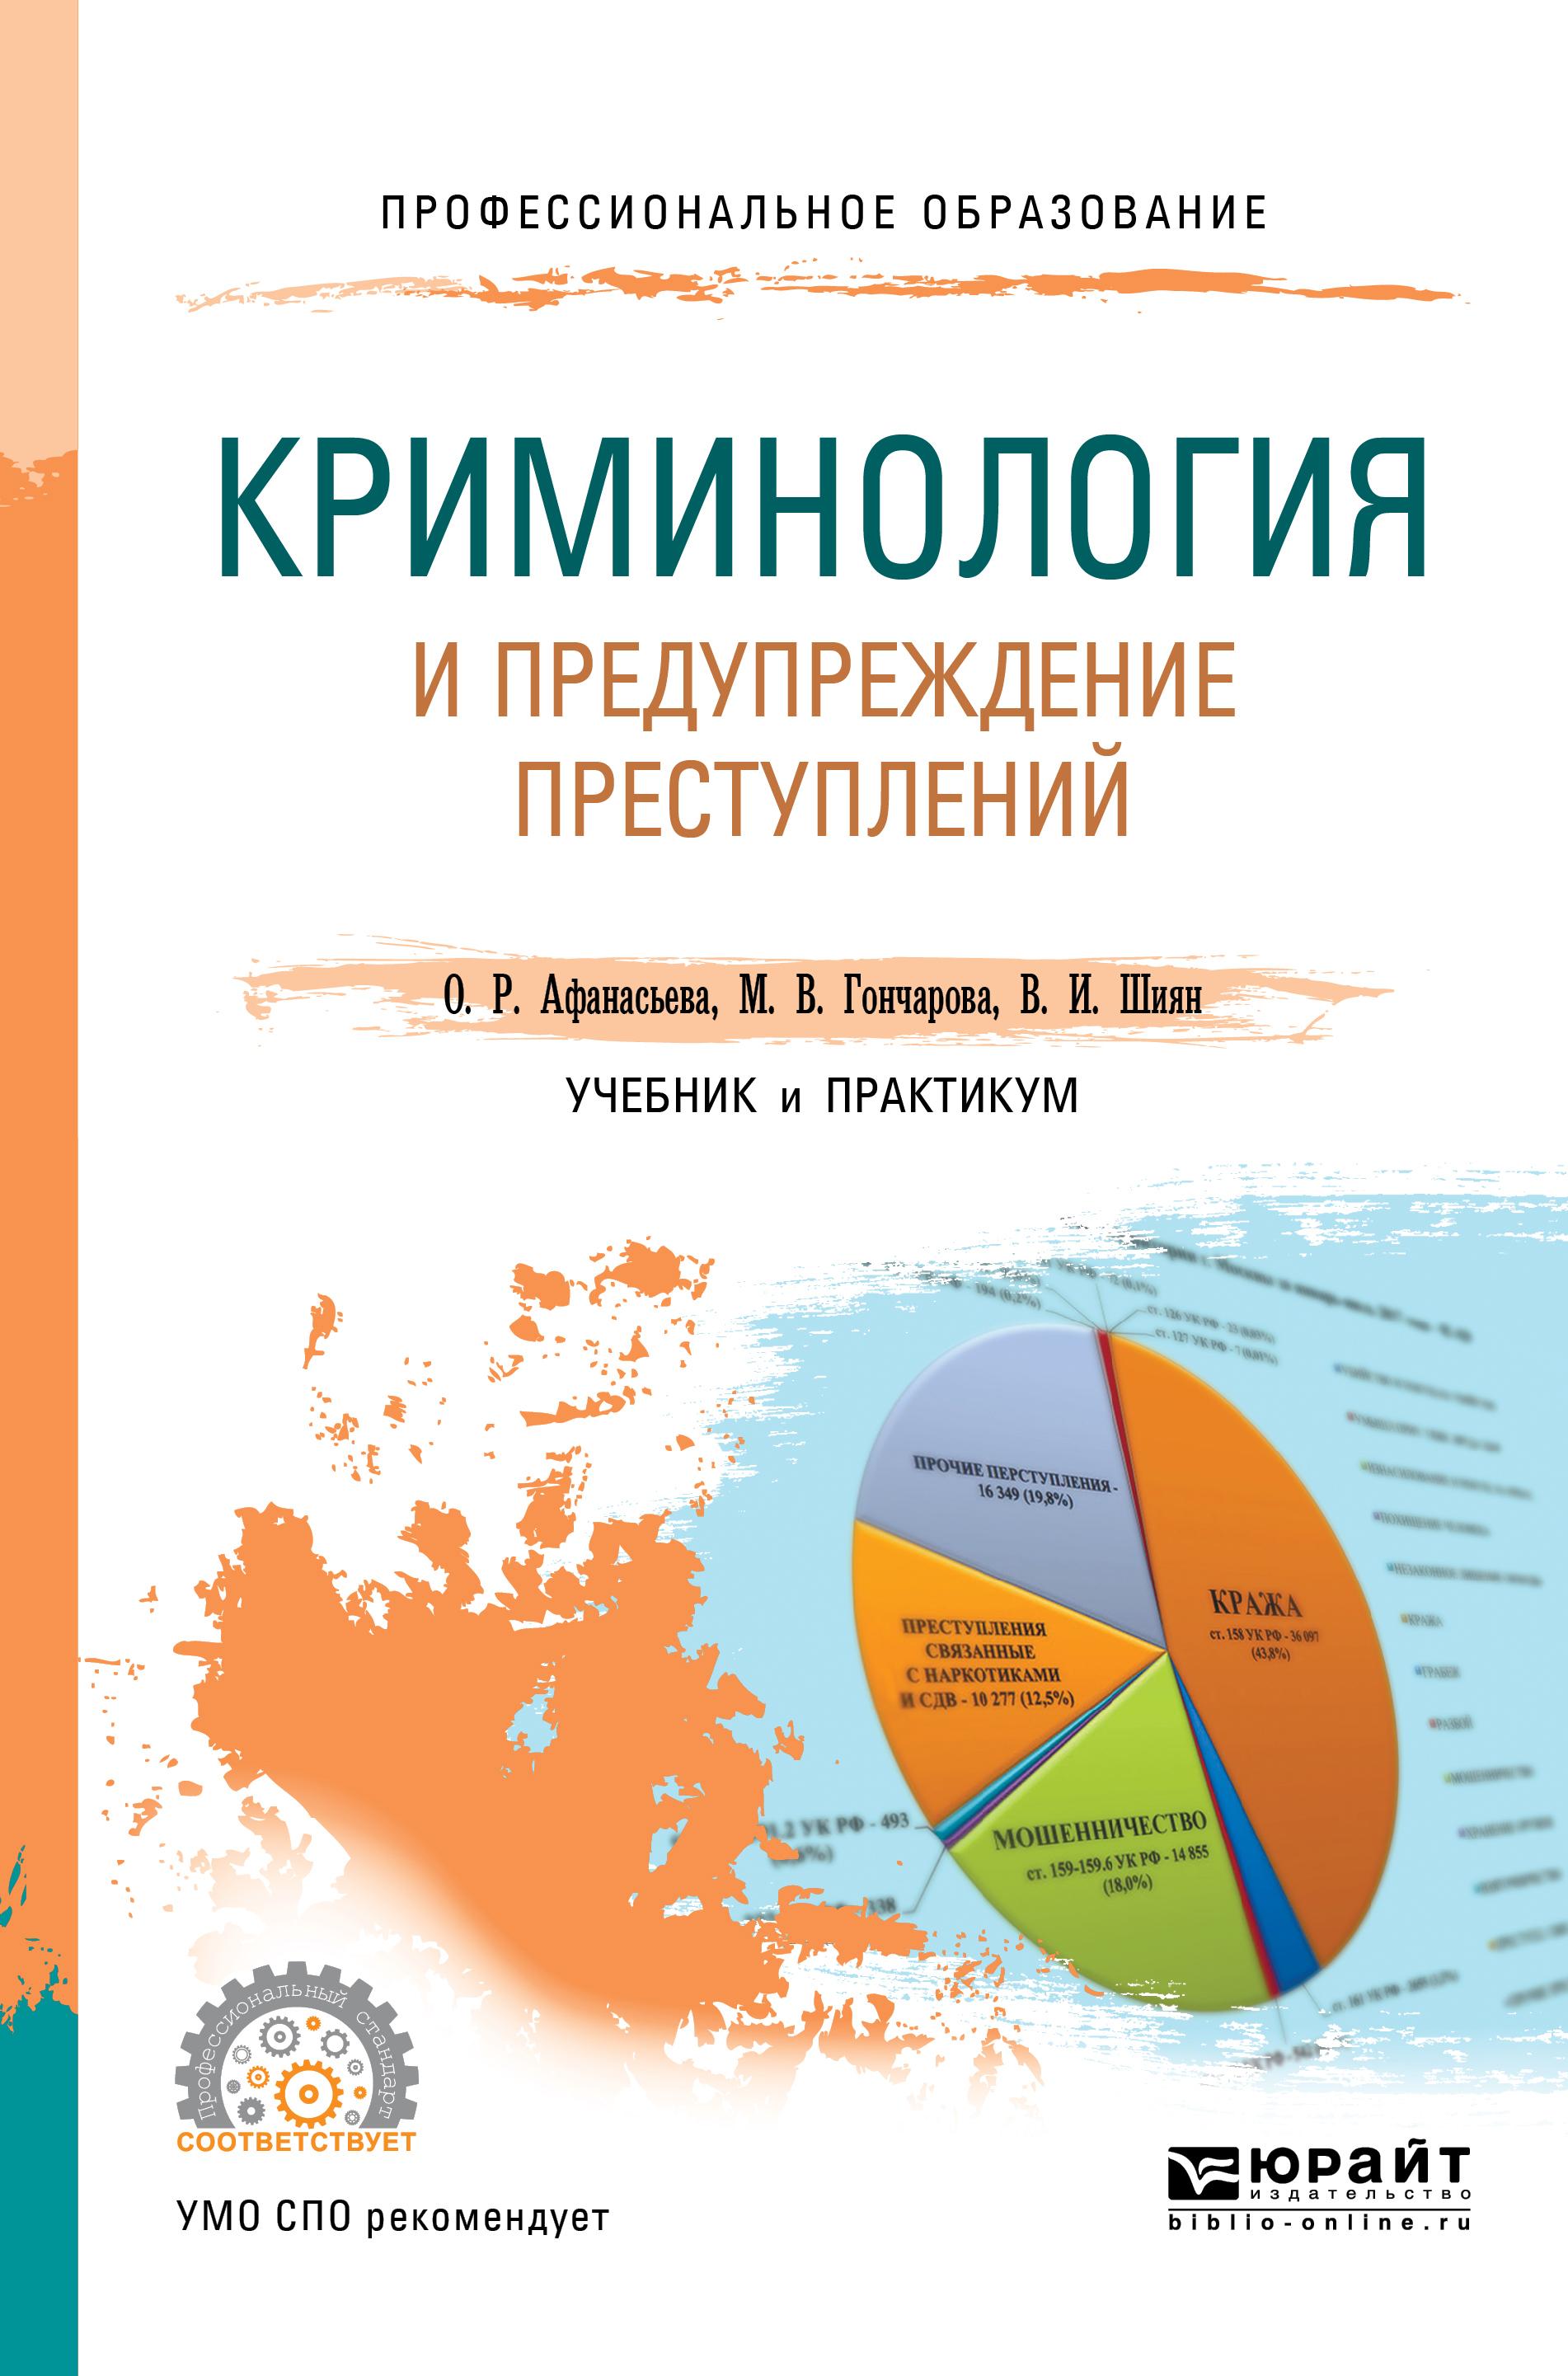 О. Р. Афанасьева,М. В. Гончарова,В. И. Шиян Криминология и предупреждение преступлений. Учебник и практикум для СПО